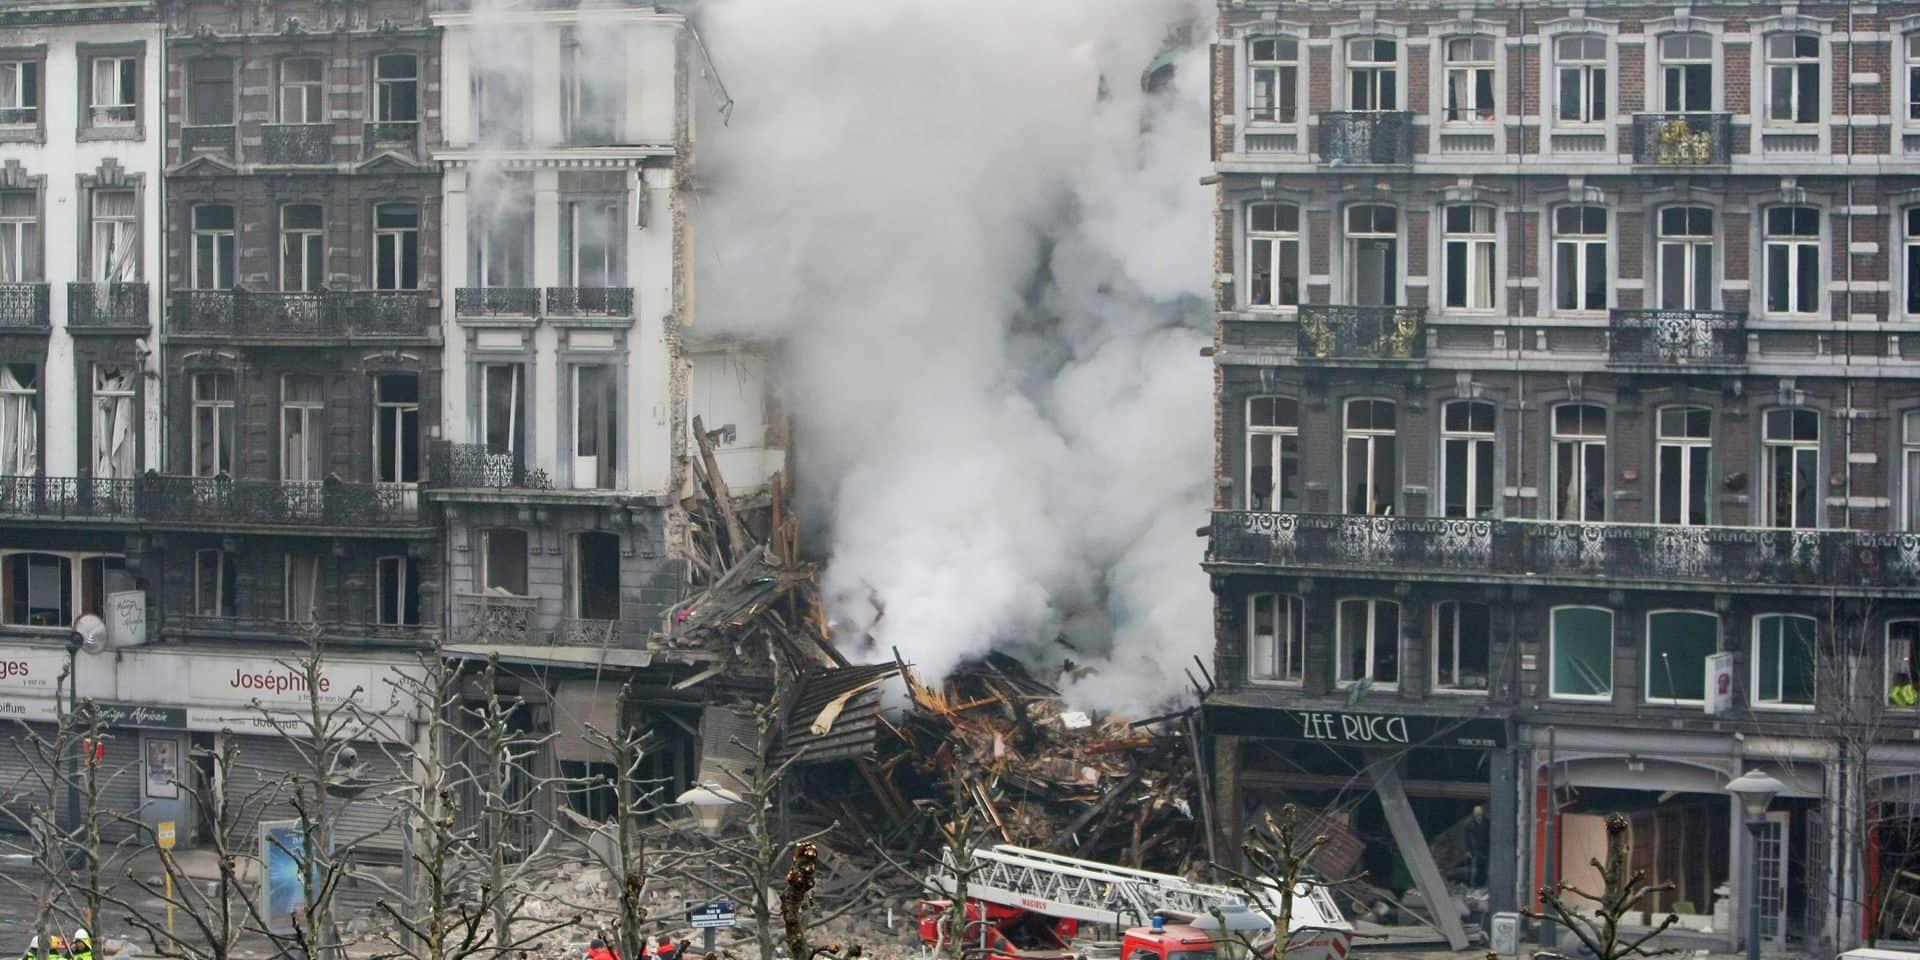 """Procès en appel de l'explosion de la rue Léopold à Liège, le propriétaire réfute toute responsabilité: """"C'est peut-être la locataire qui a laissé la cuisinière au gaz allumée"""""""